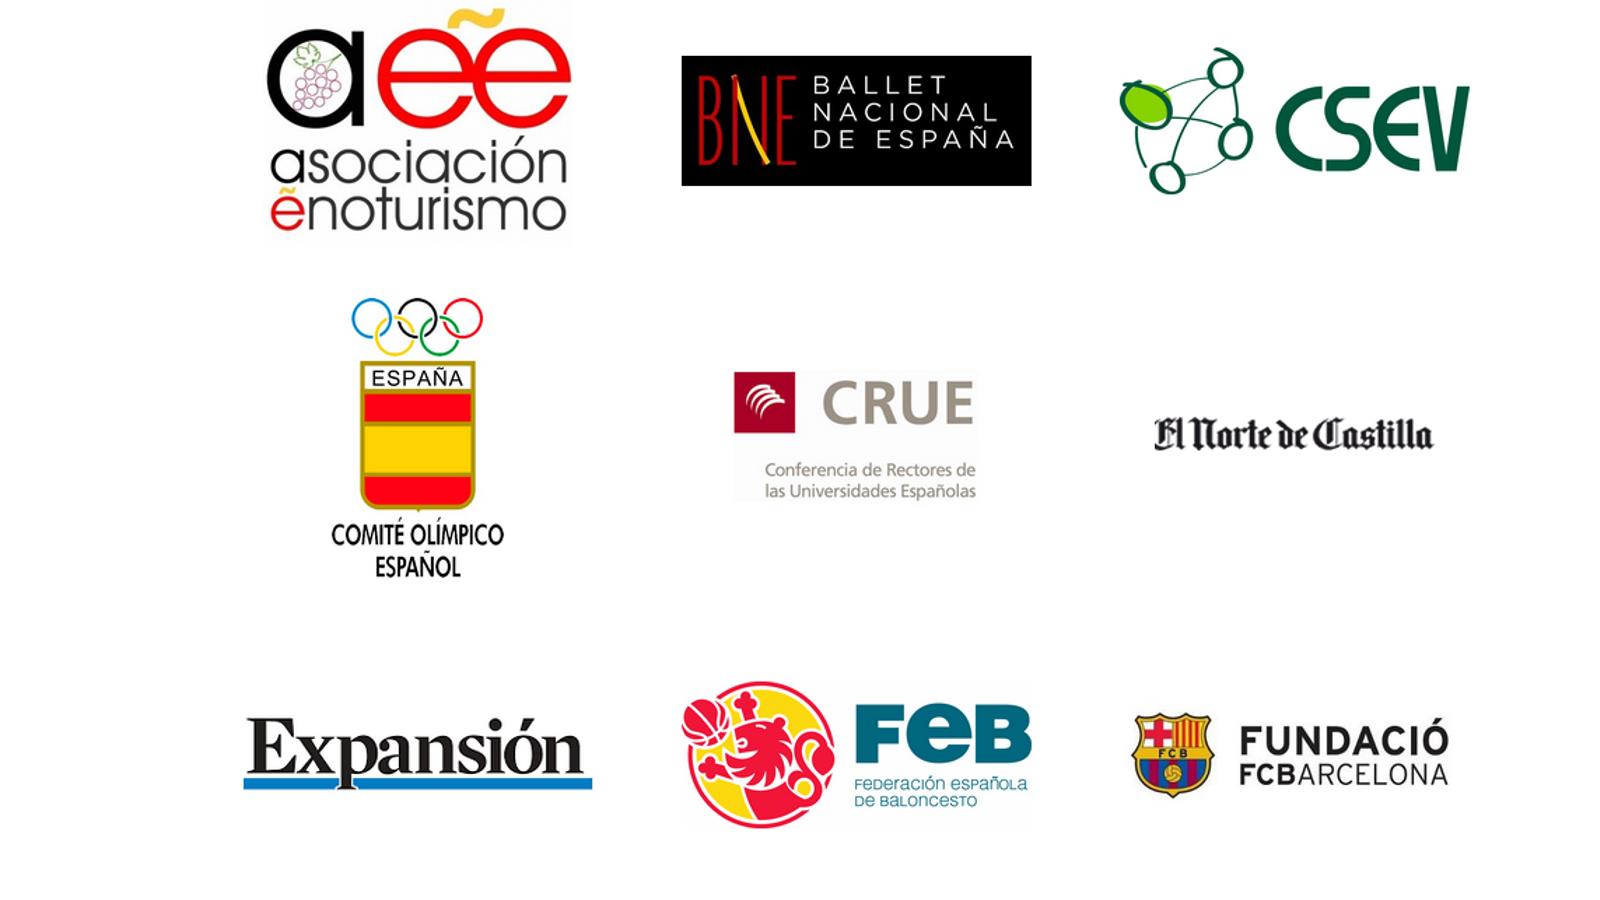 El Barça, indignat al descobrir que 'Espanya Global utilitza el seu logo sense permís / ARA